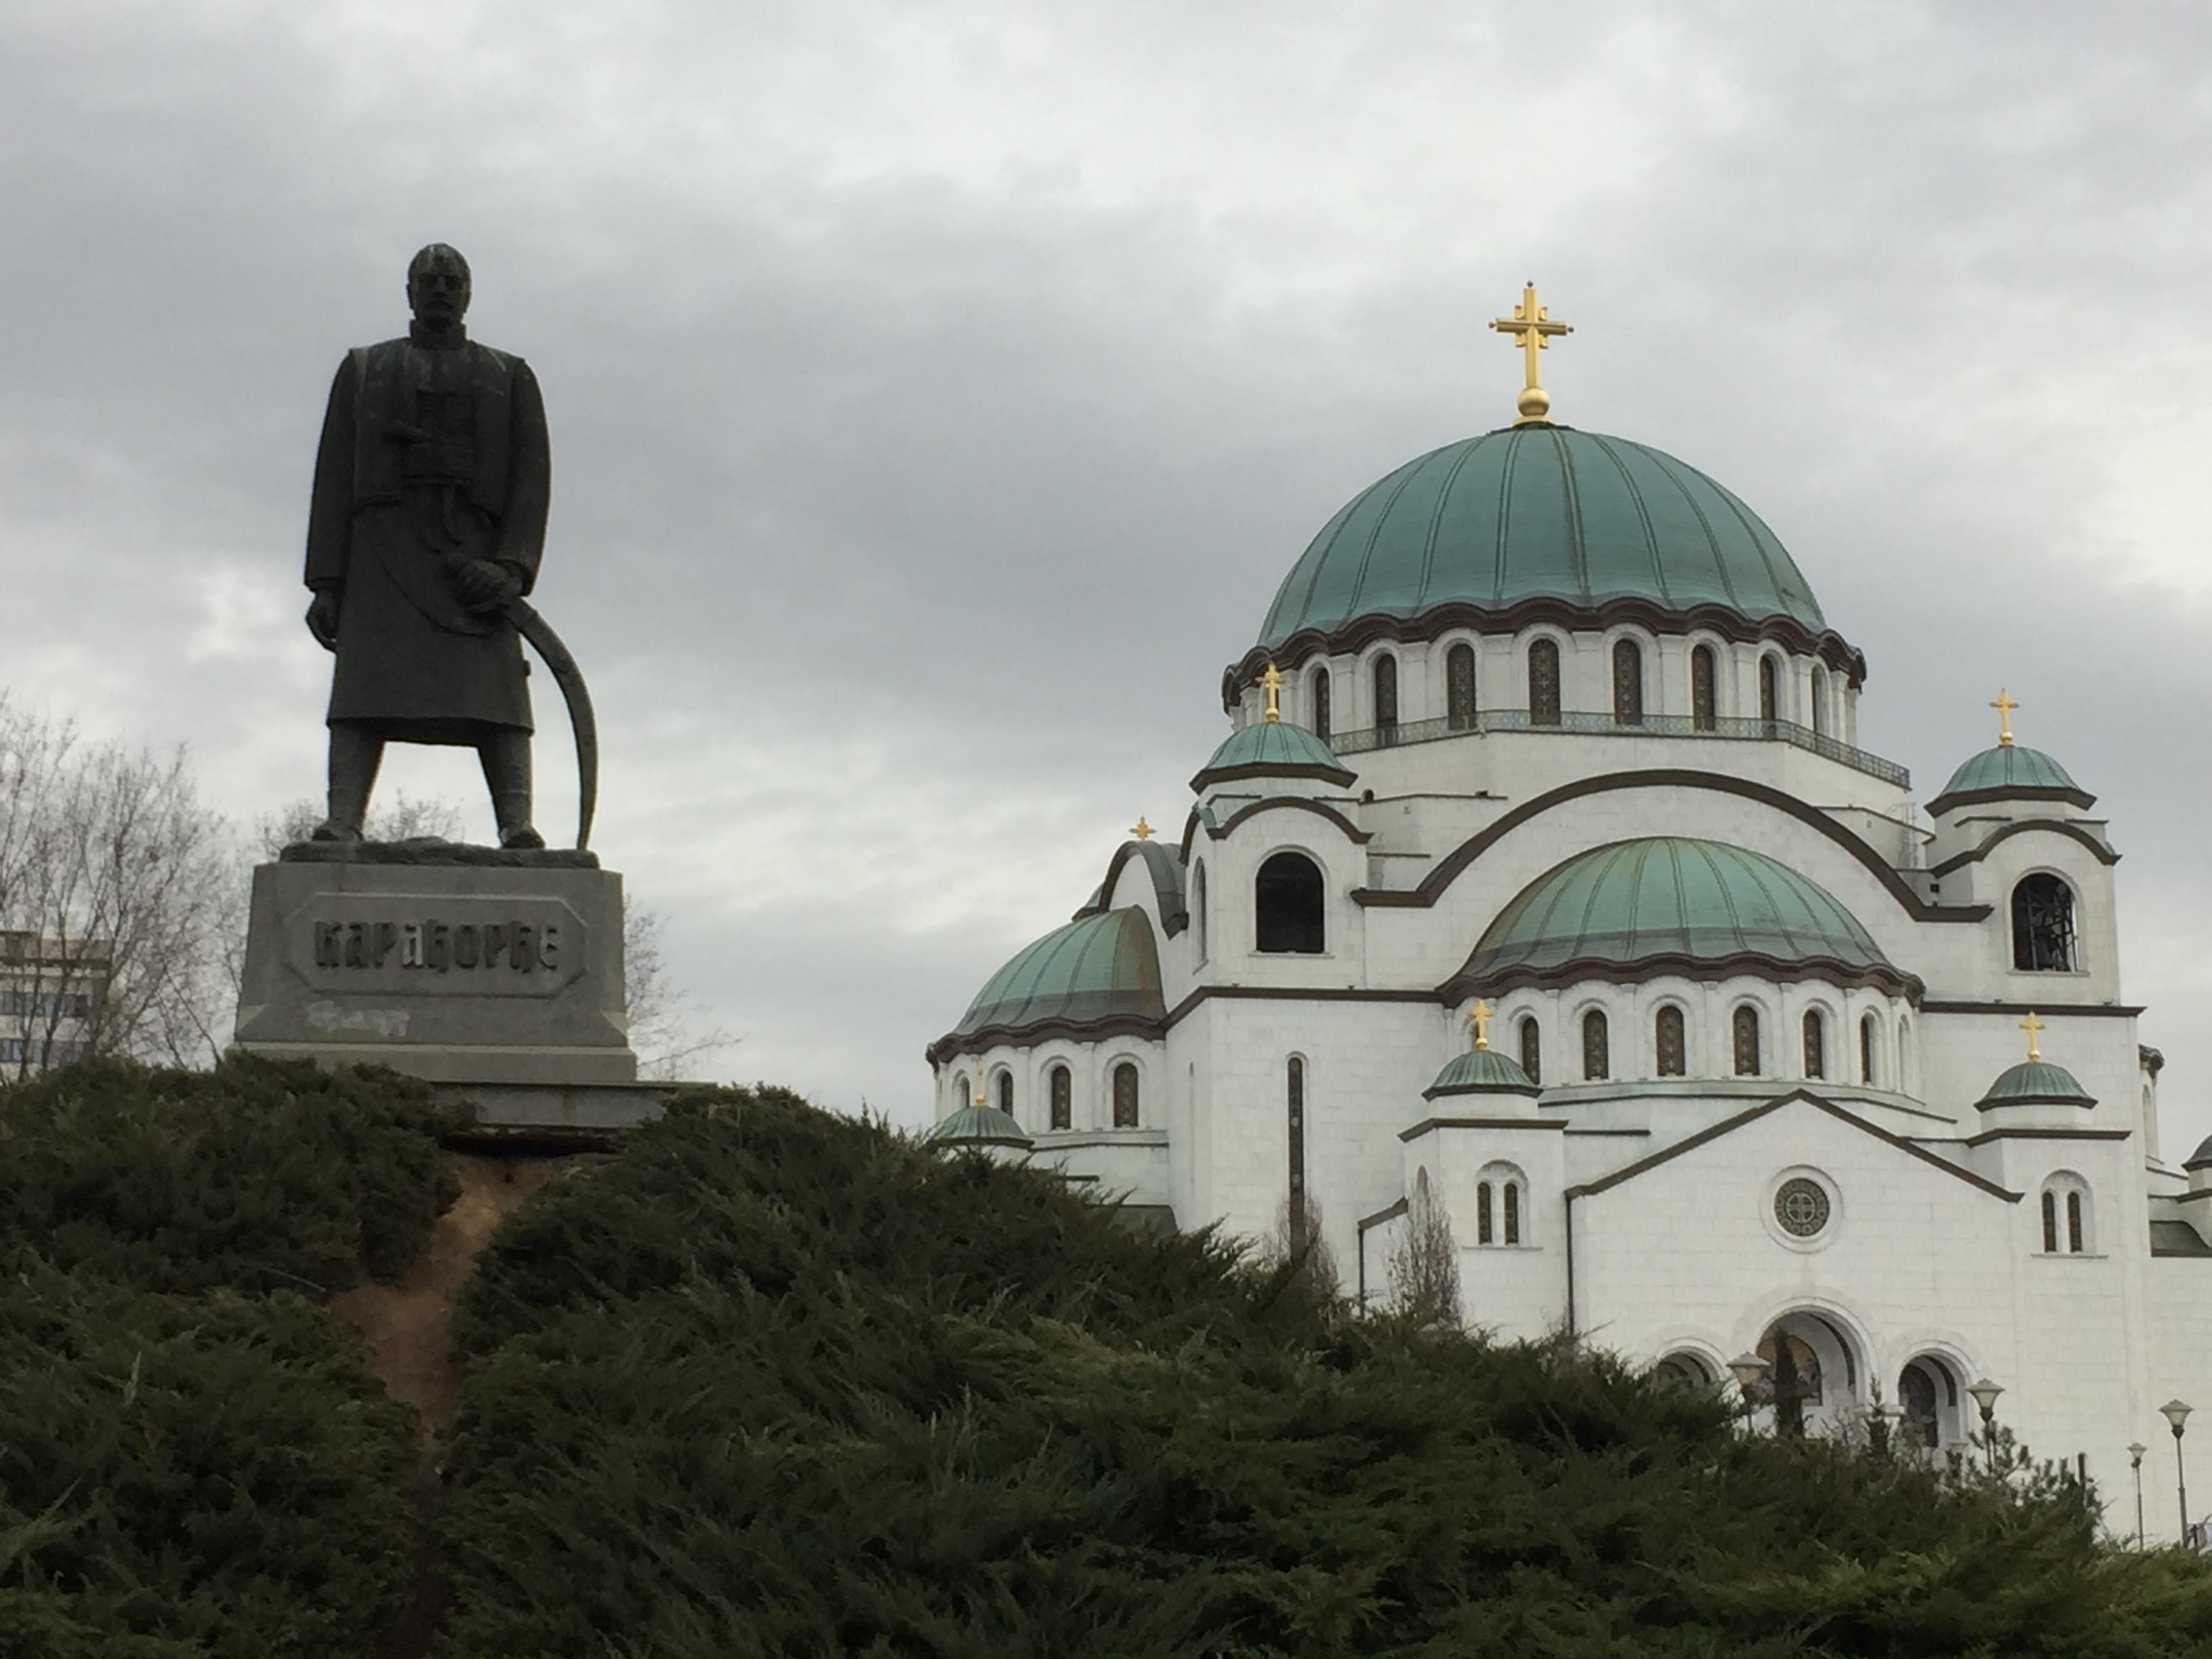 聖セヴァ教会と銅像